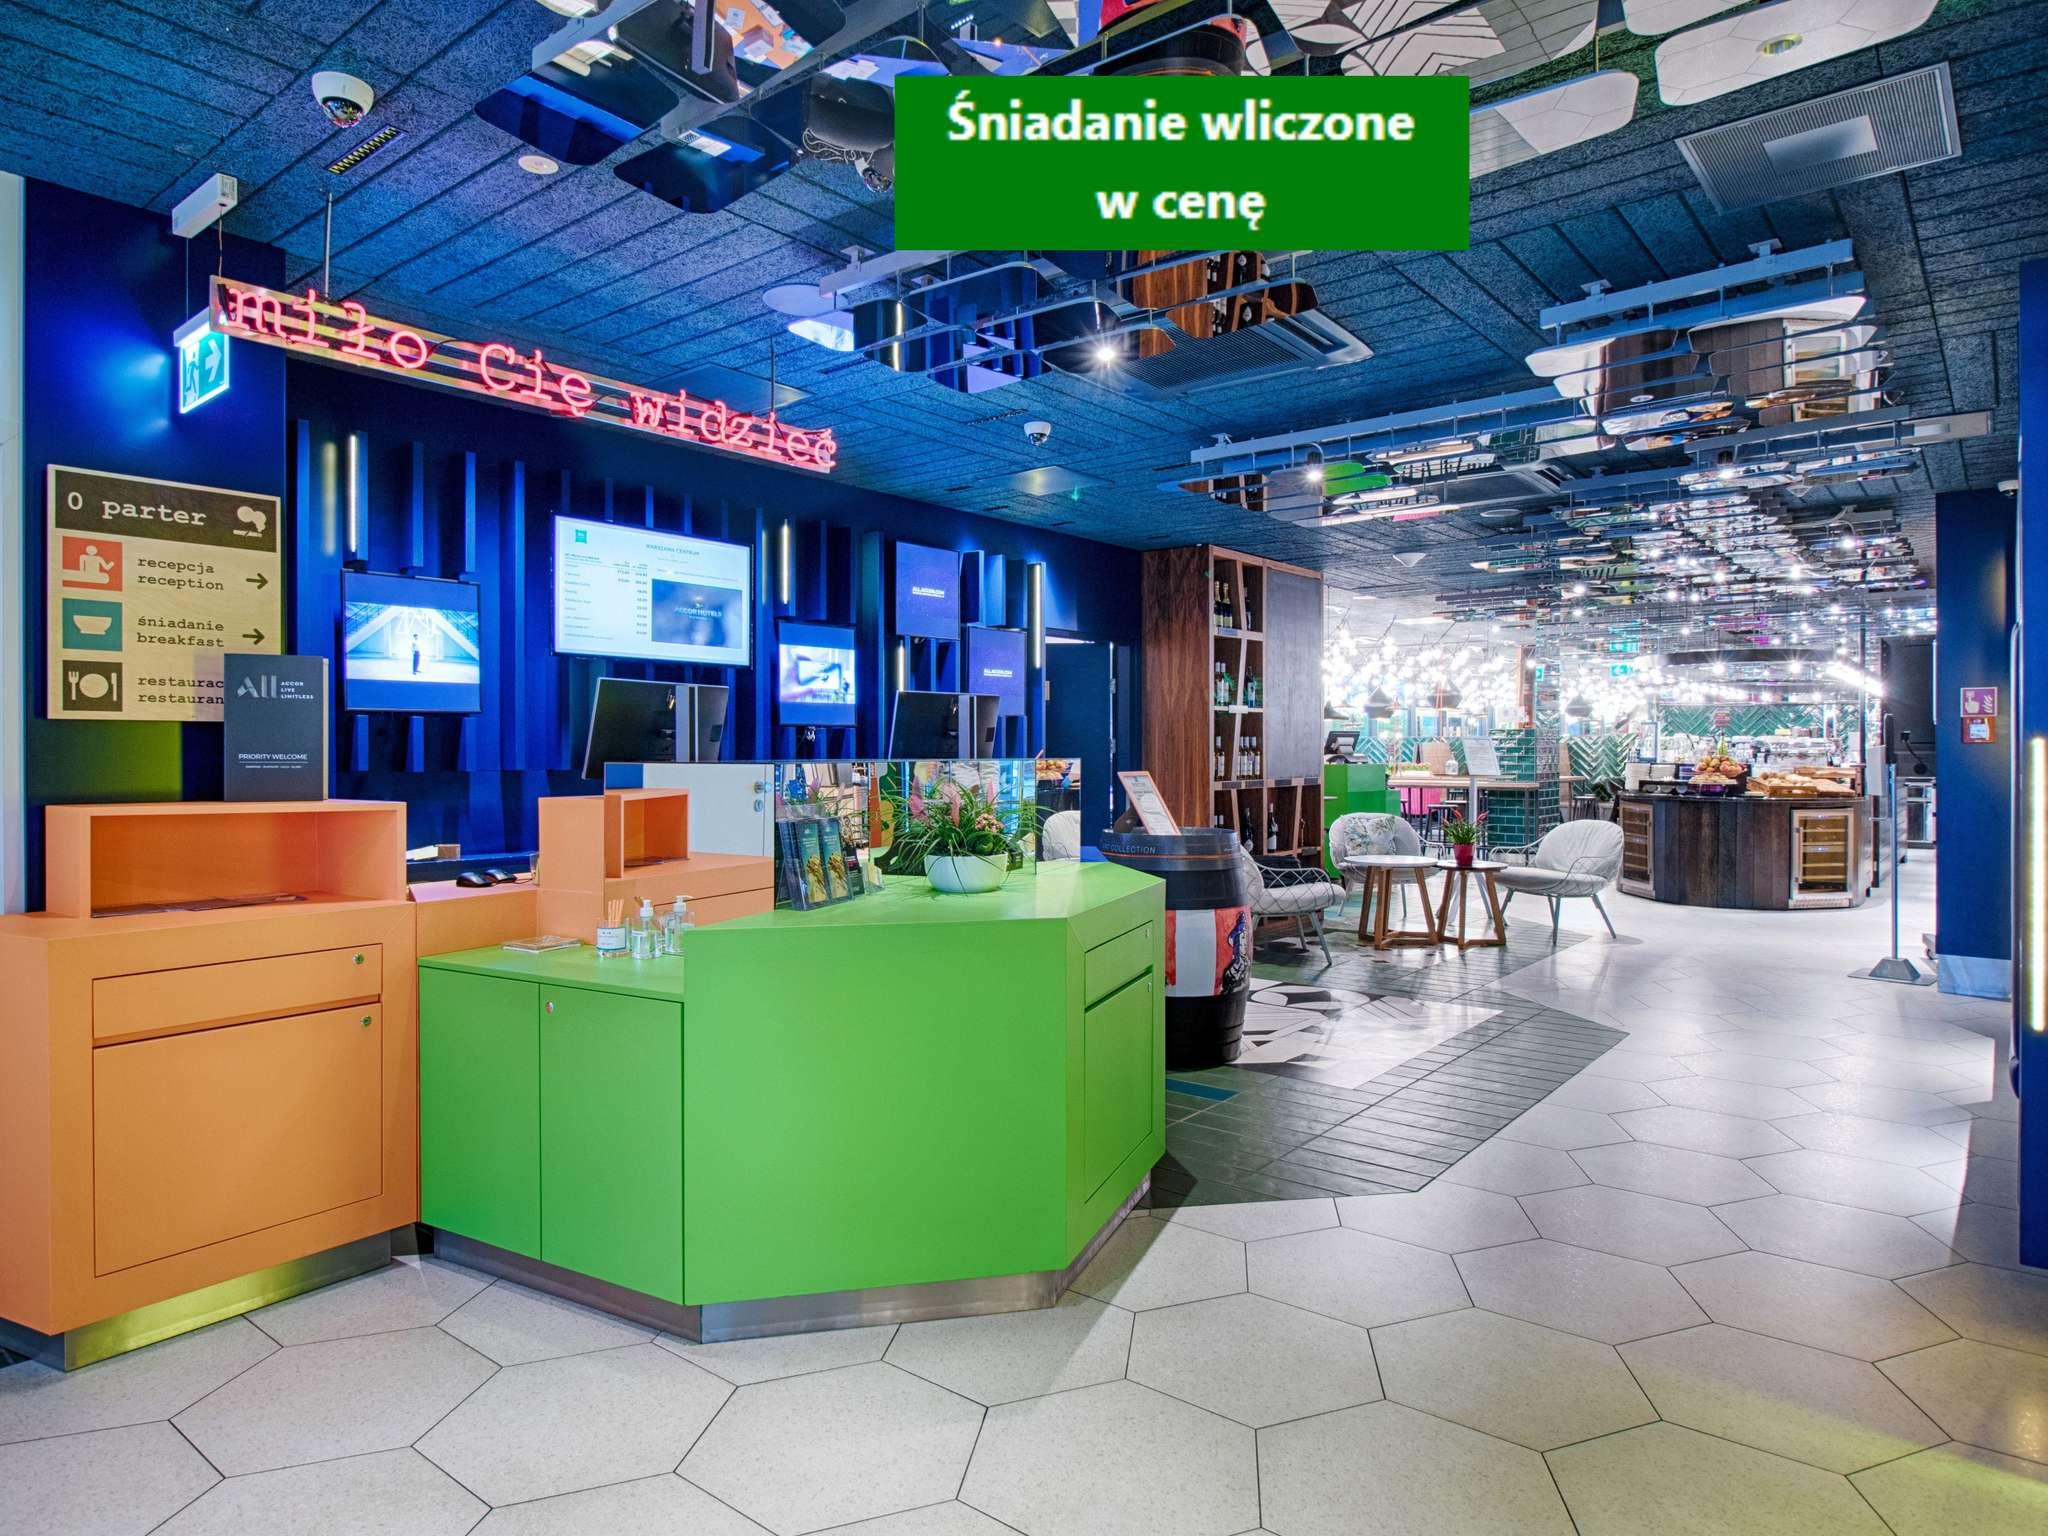 Hotel – ibis Styles Warszawa Centrum (inauguração em novembro de 2018)